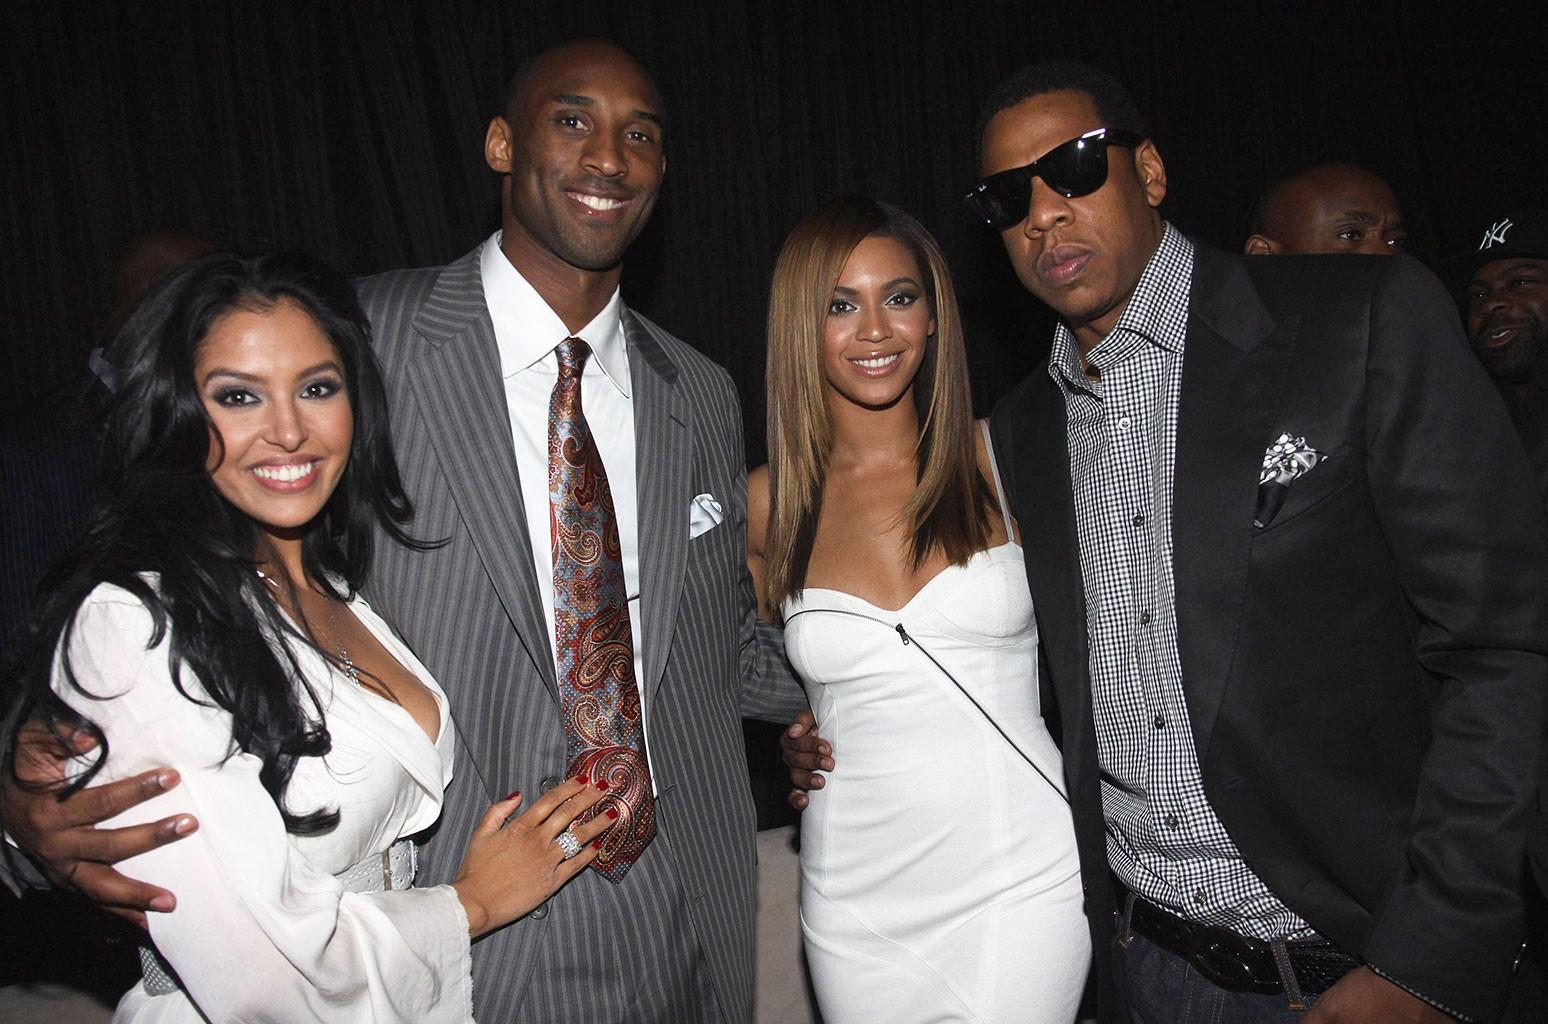 Vanessa Bryant, Kobe Bryant, Beyonce and Jay-Z